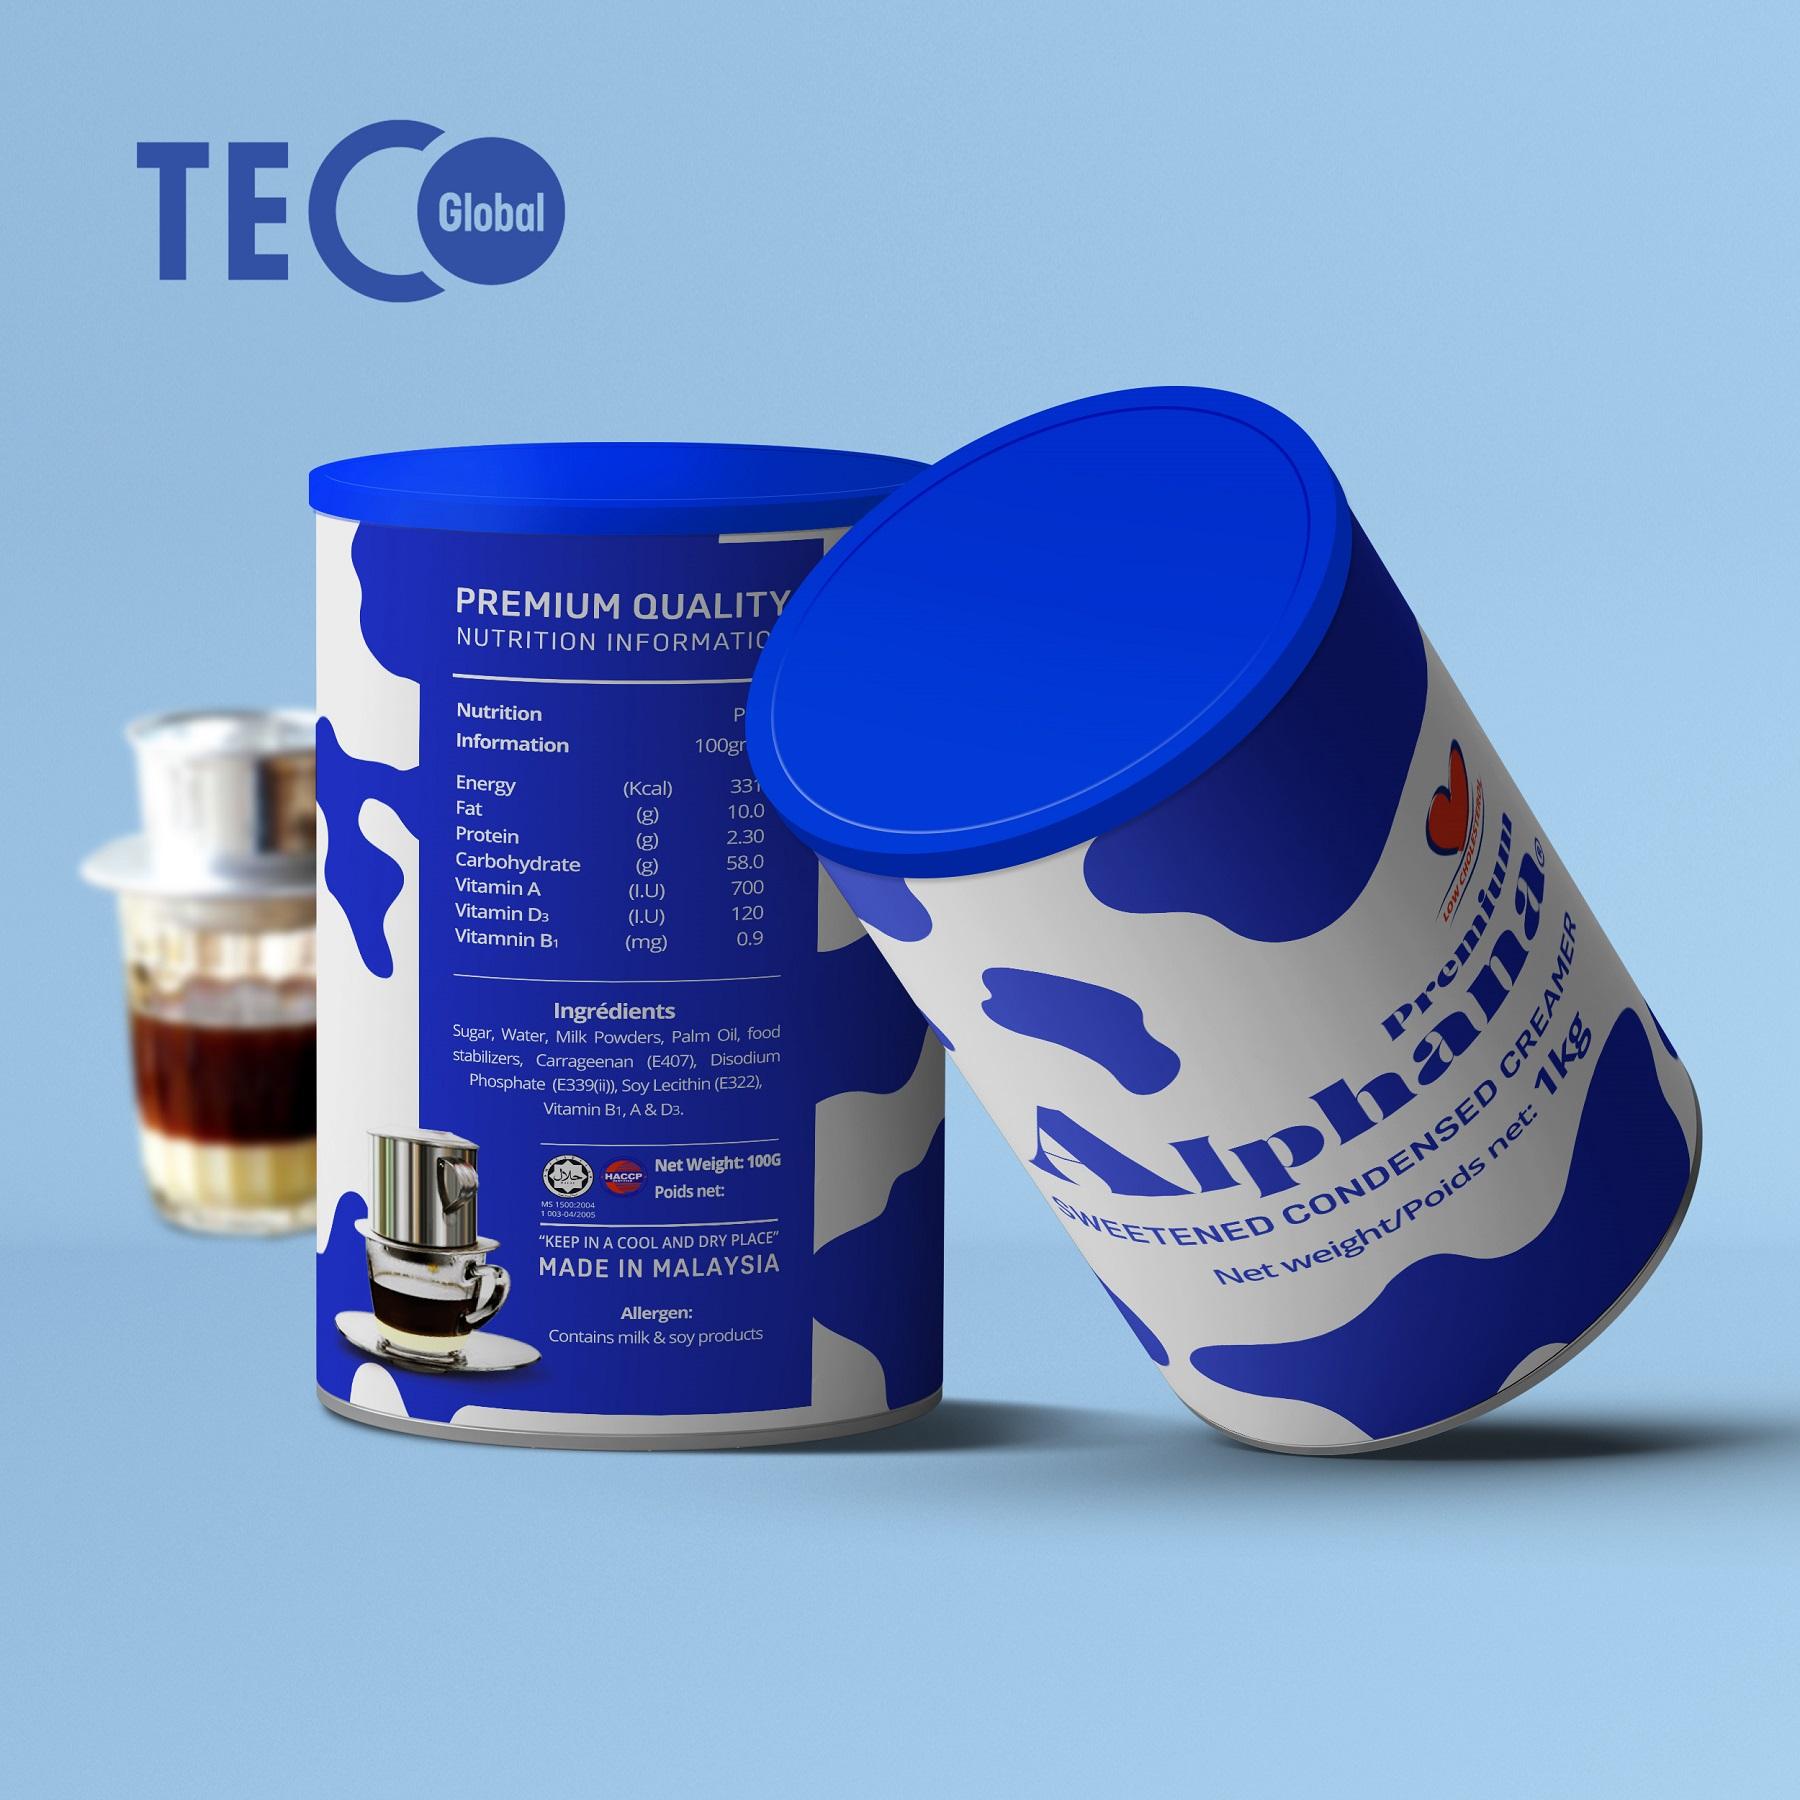 Sữa Đặc Có Đường Creamer Premium Alphana nhập khẩu Malaysia Lon 1kg Giàu Protein Vitamin A D3 B1